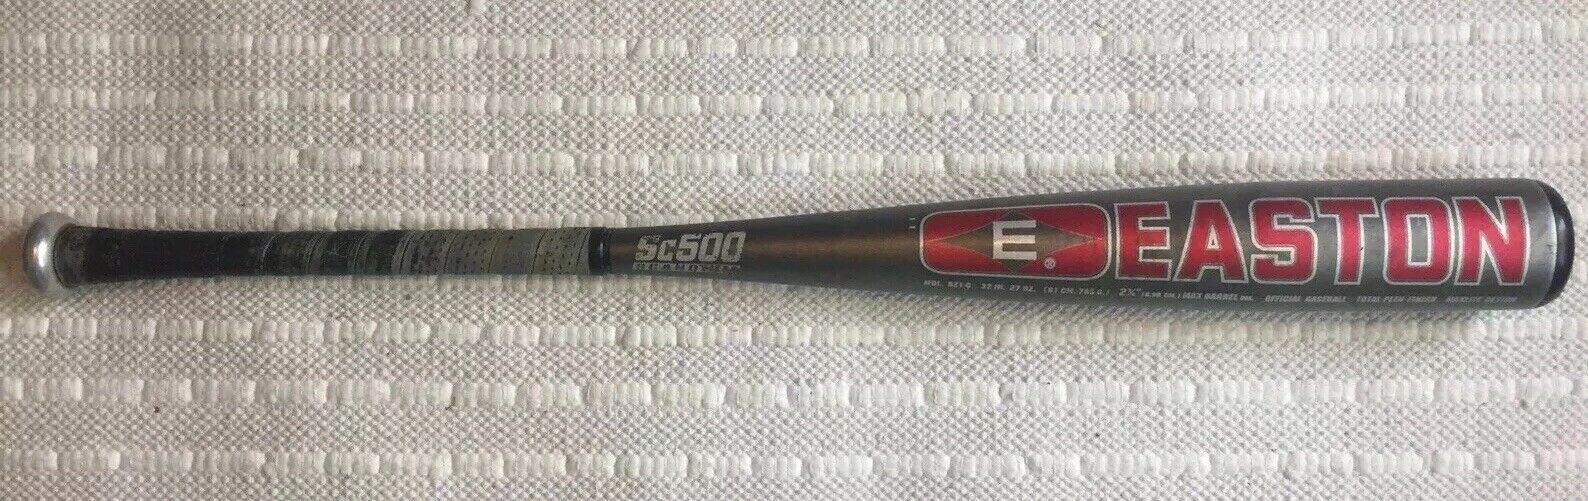 Easton rojoline C-Core SC500 BZ1-C escandio barril bate de béisbol -5 32 27 2 3 4